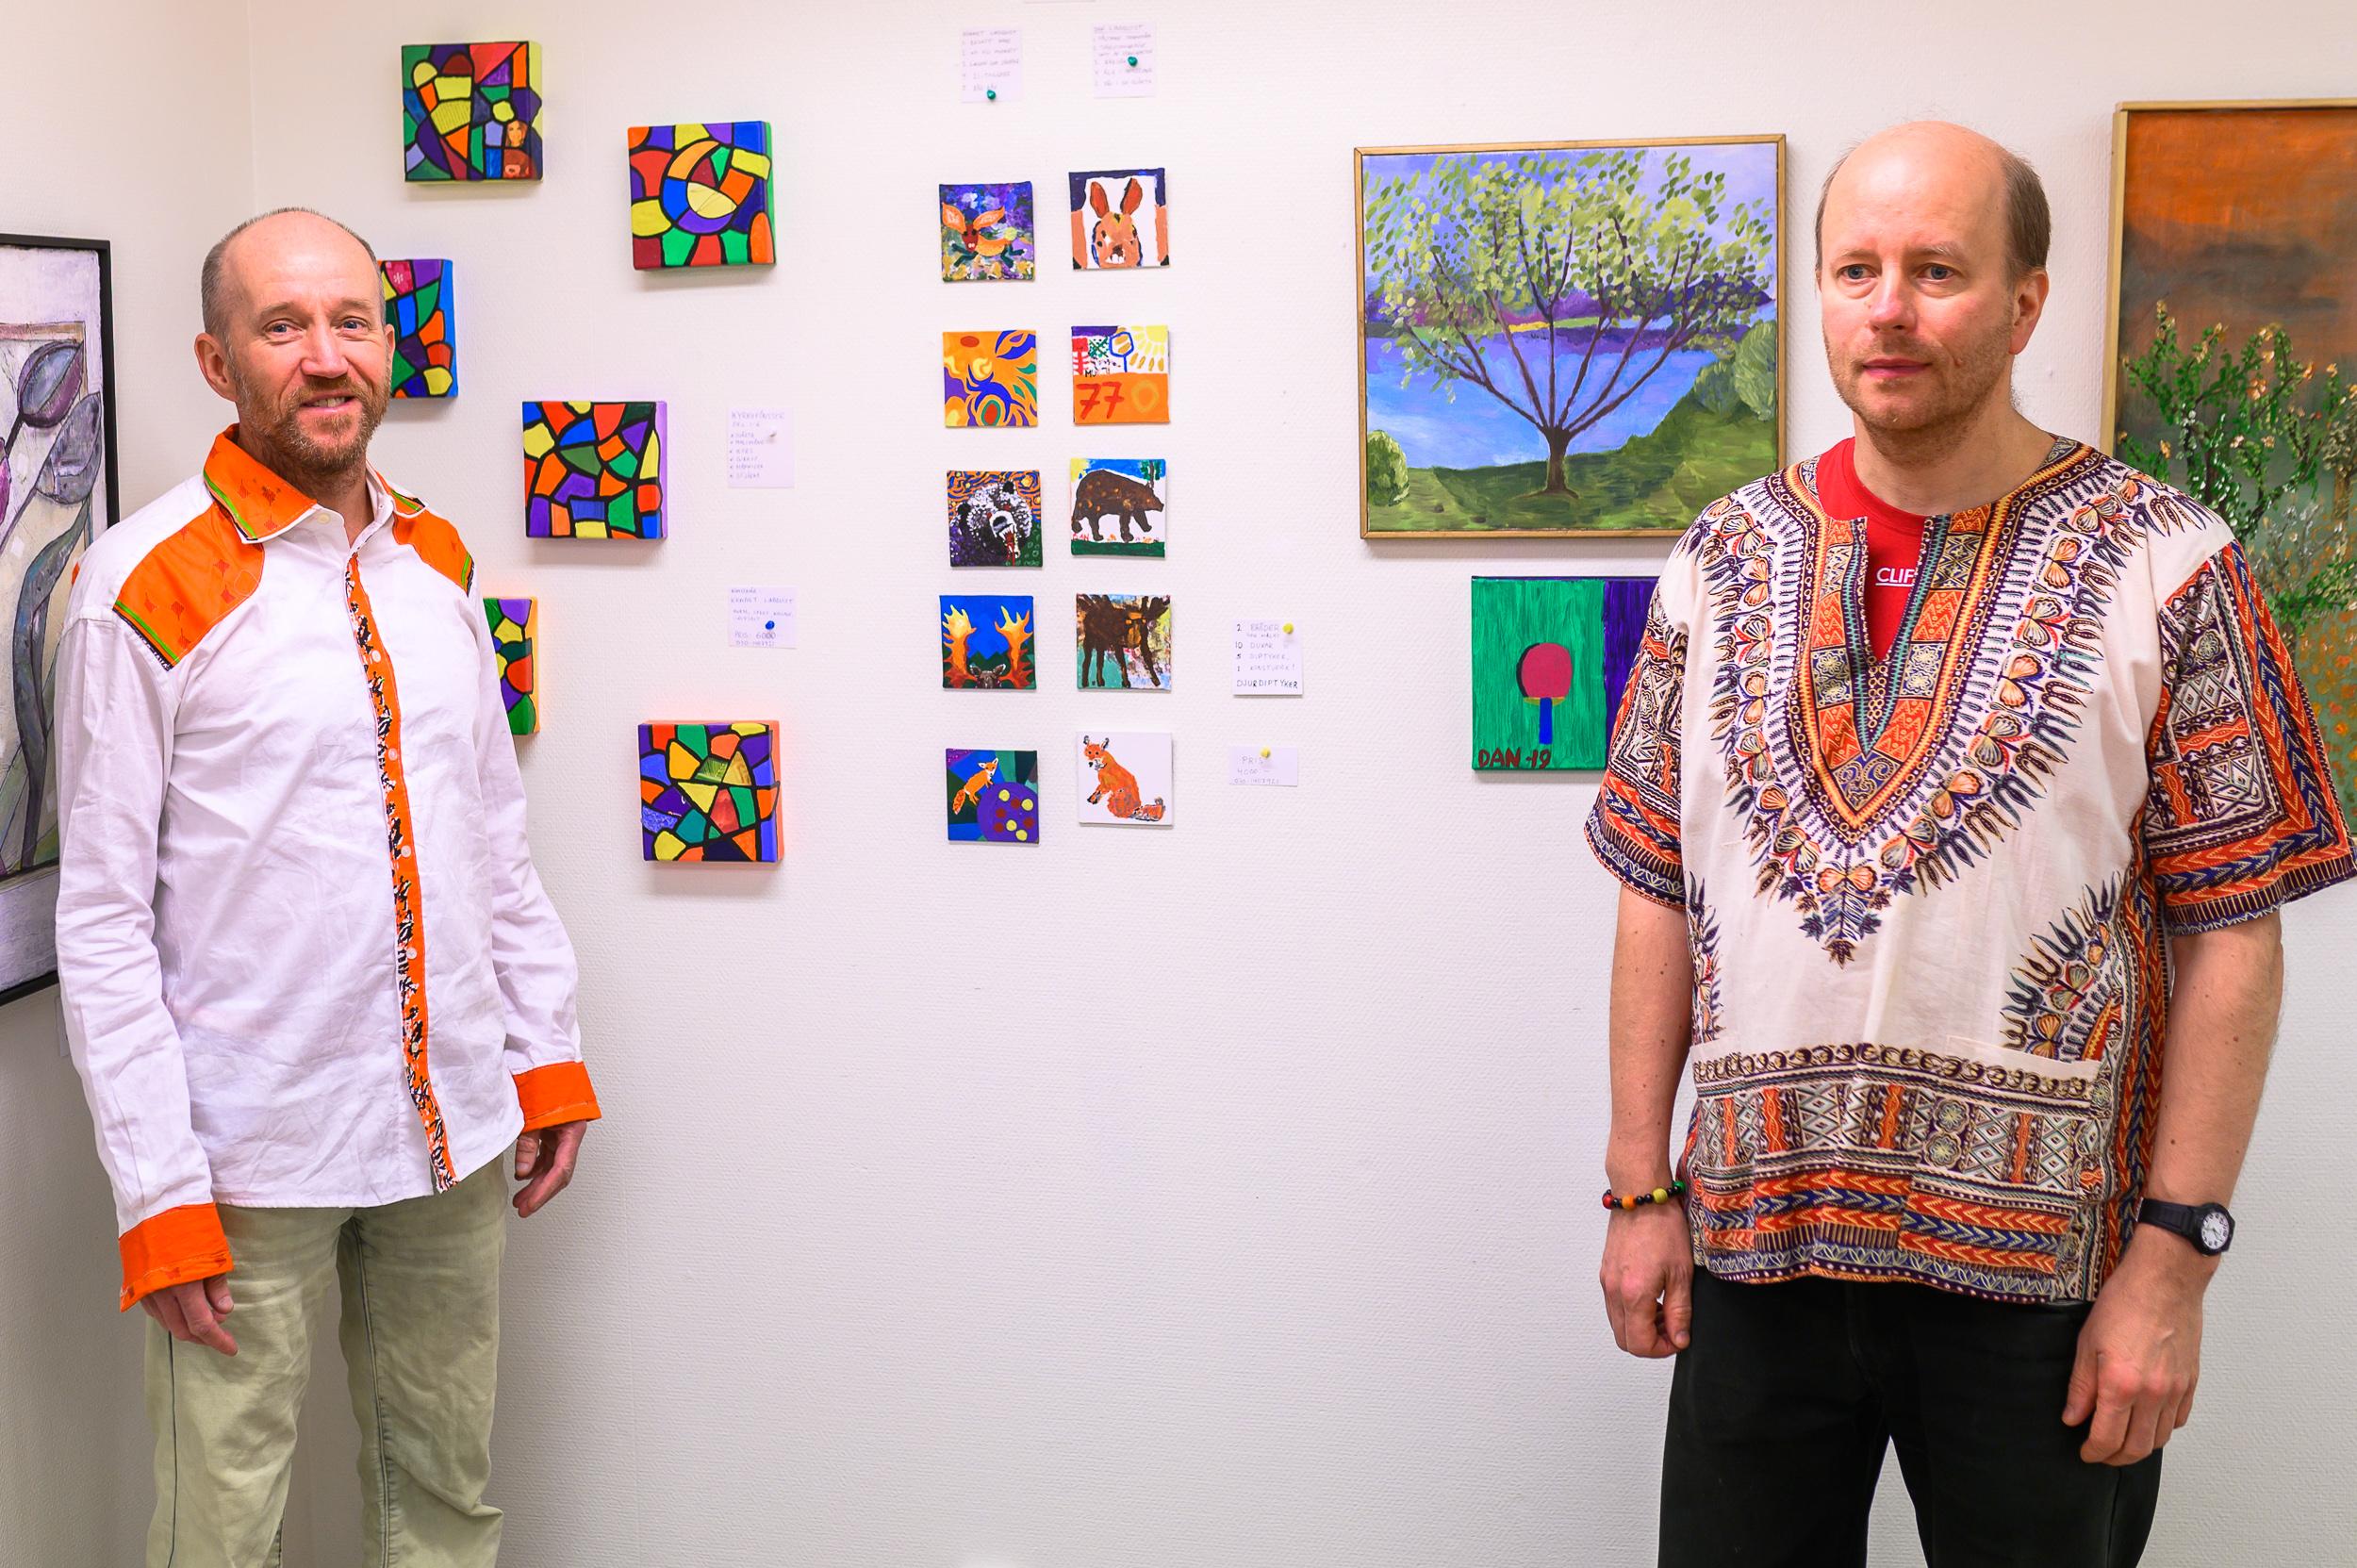 Kennet Lindquist och Dan Lindquist var några av konstnärerna som ställde ut i Arvidsjaur.